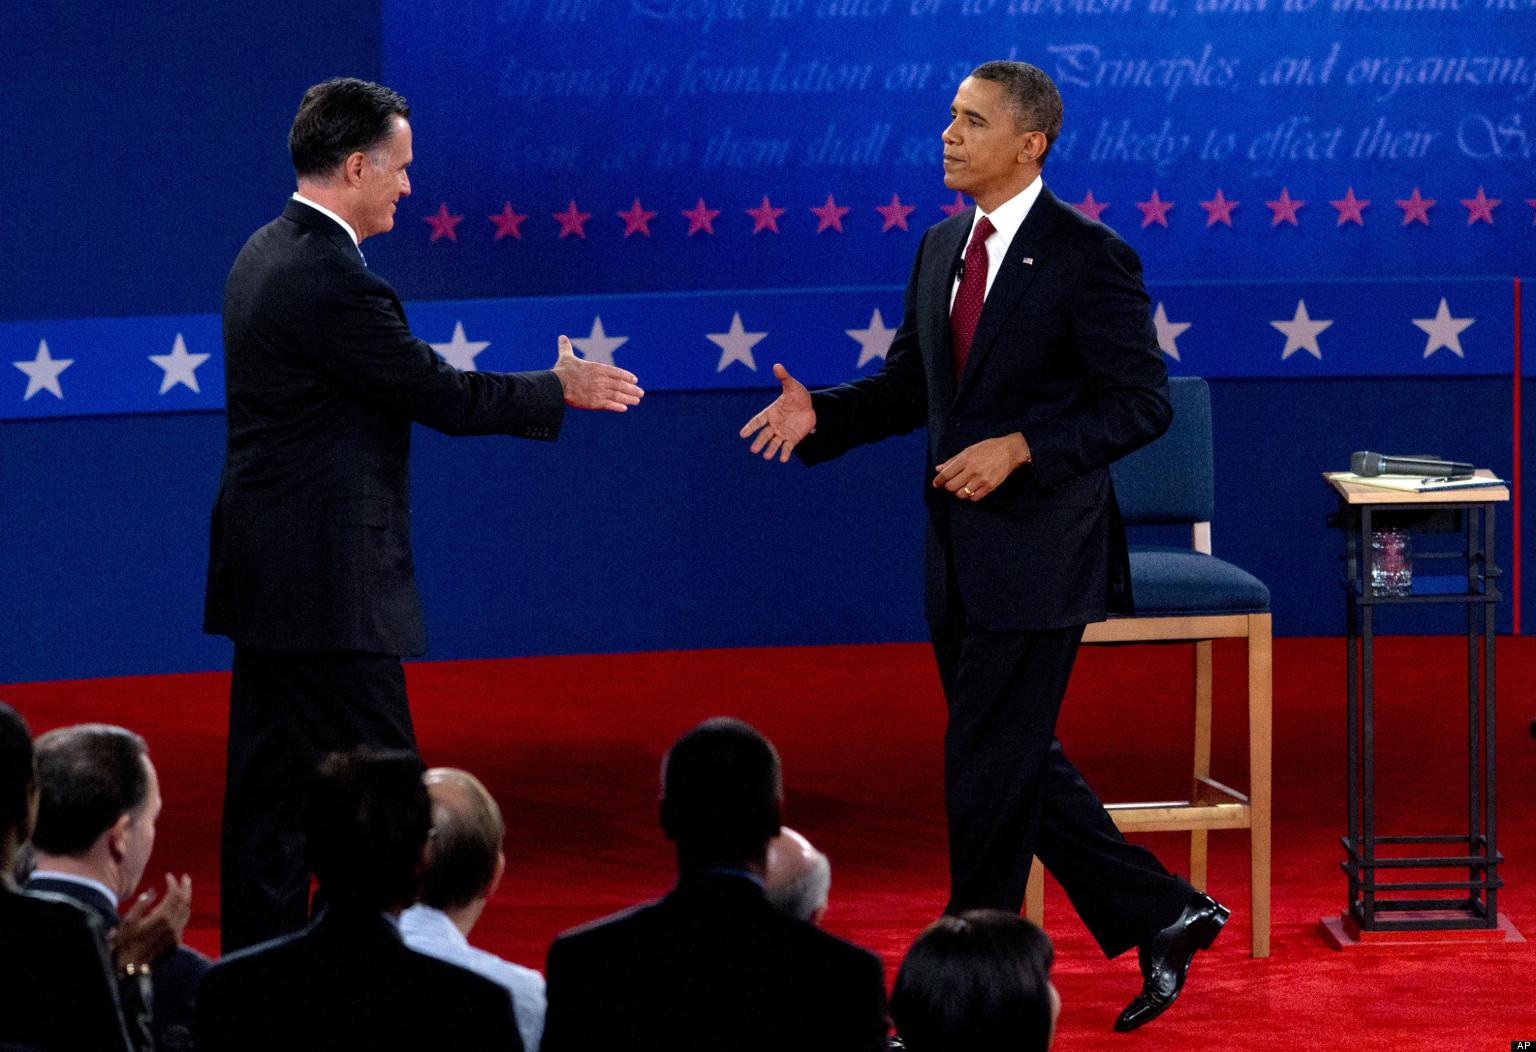 Essays on the presidential debate 2012